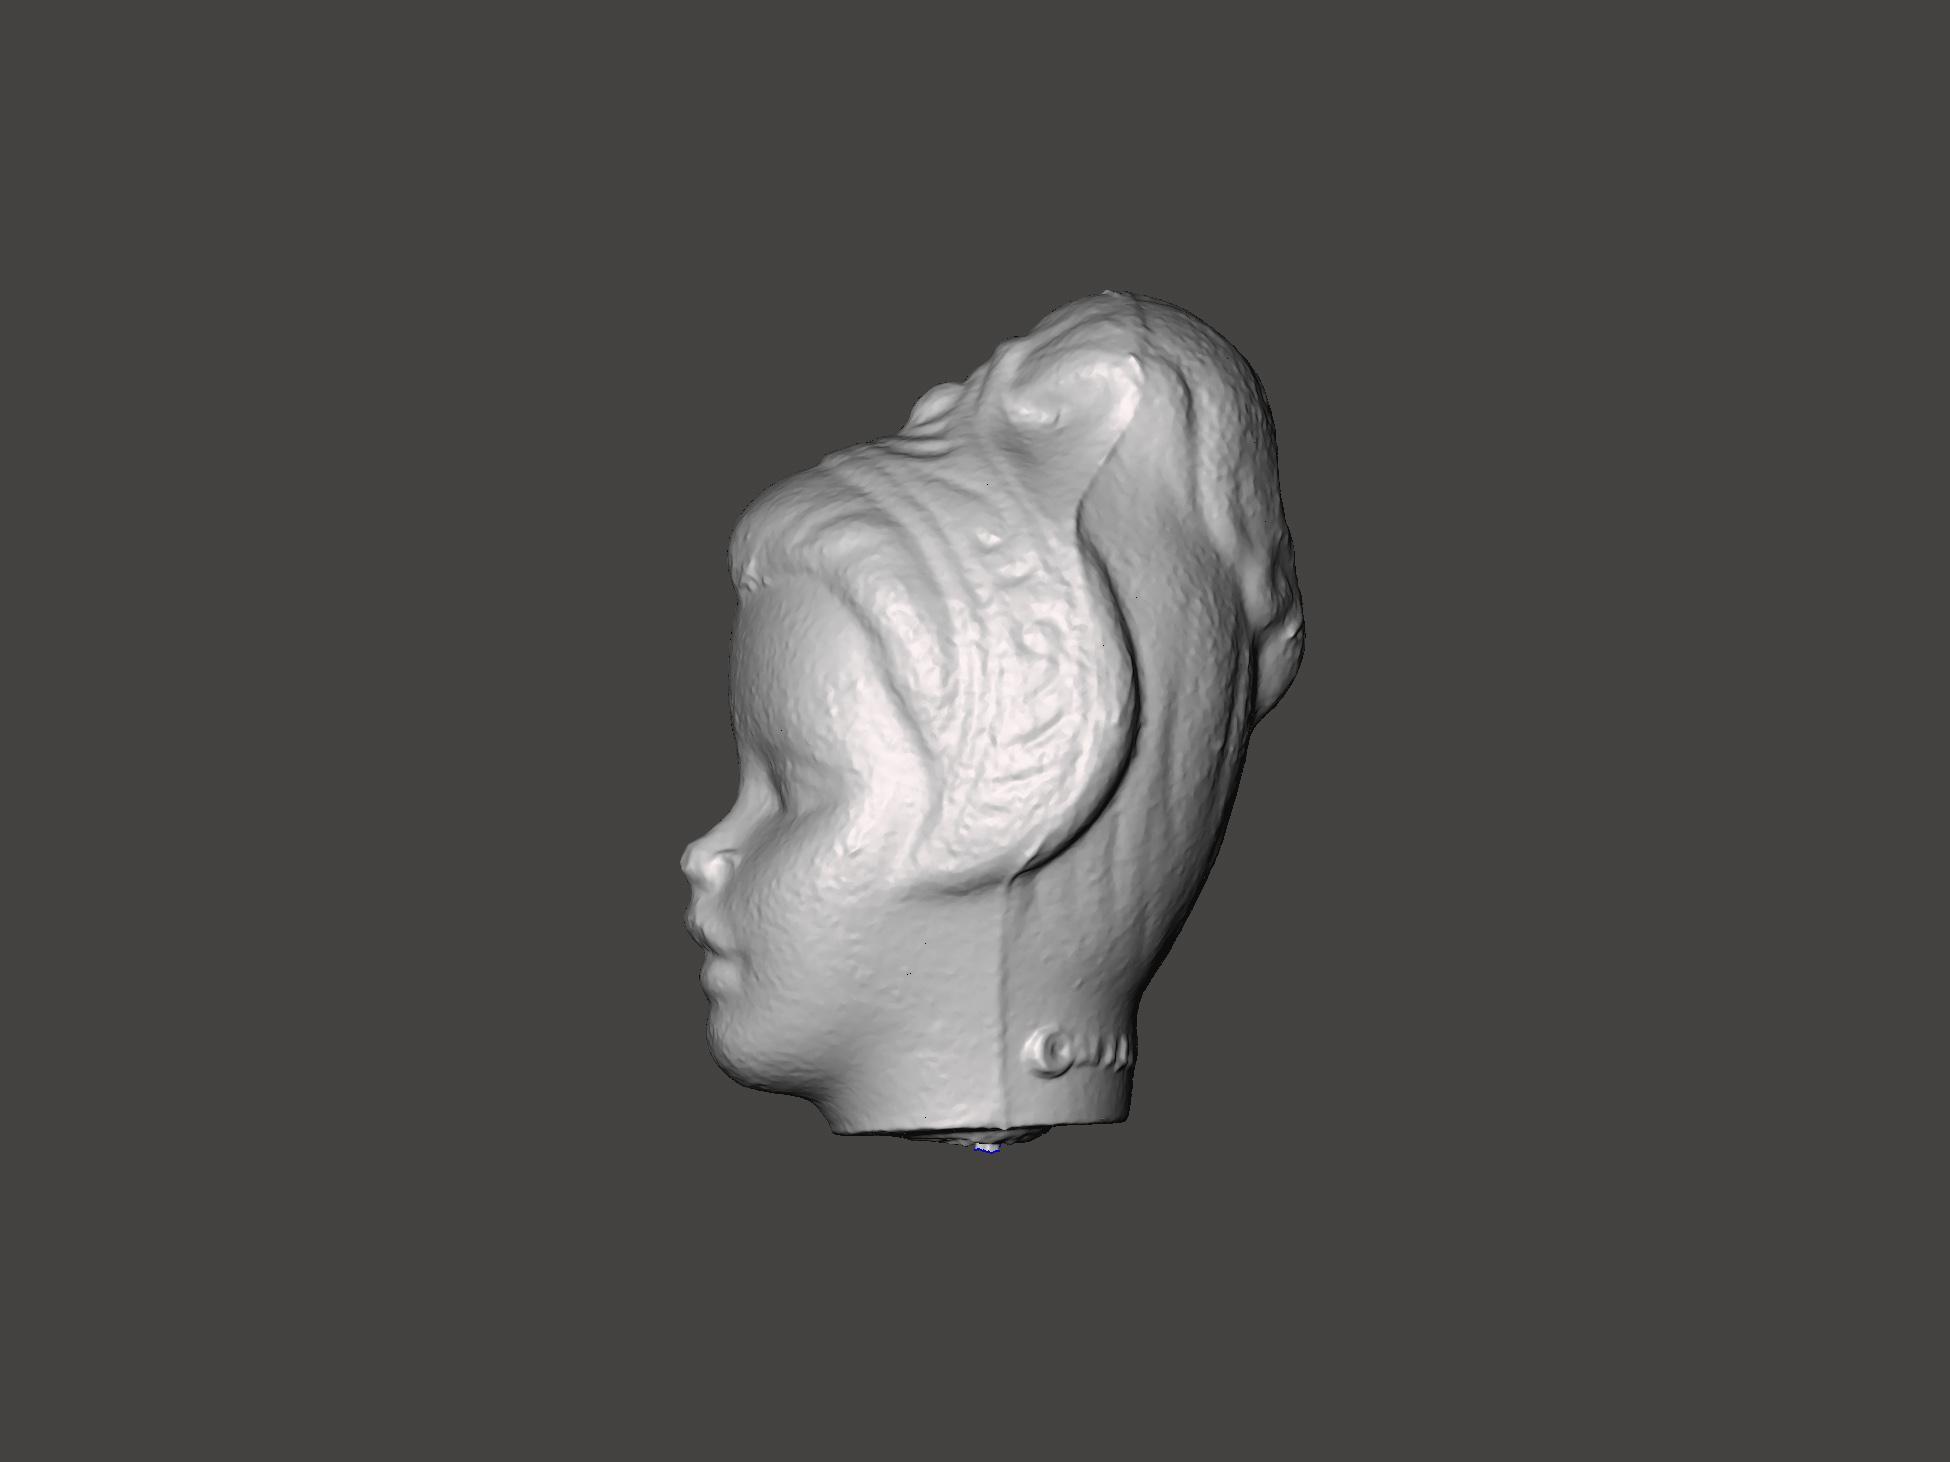 Benjamin Entner sculpture of a head resembling ruins of Greco-Roman sculpture